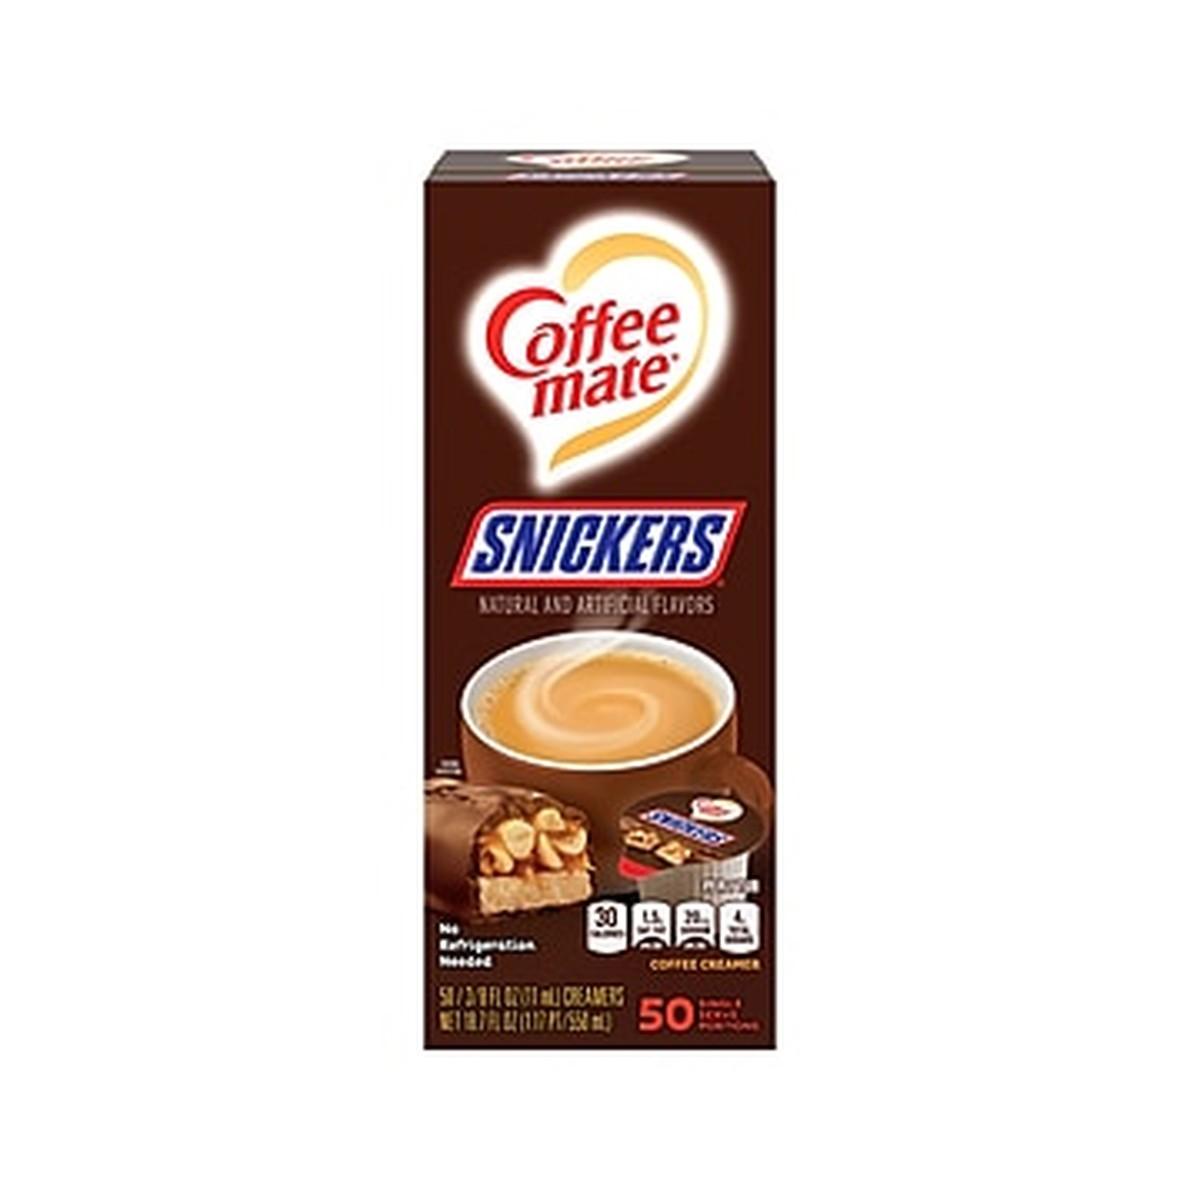 Liquid Coffee Creamer, Snickers, 0.38 oz Mini Cups, 50 Cups/Box